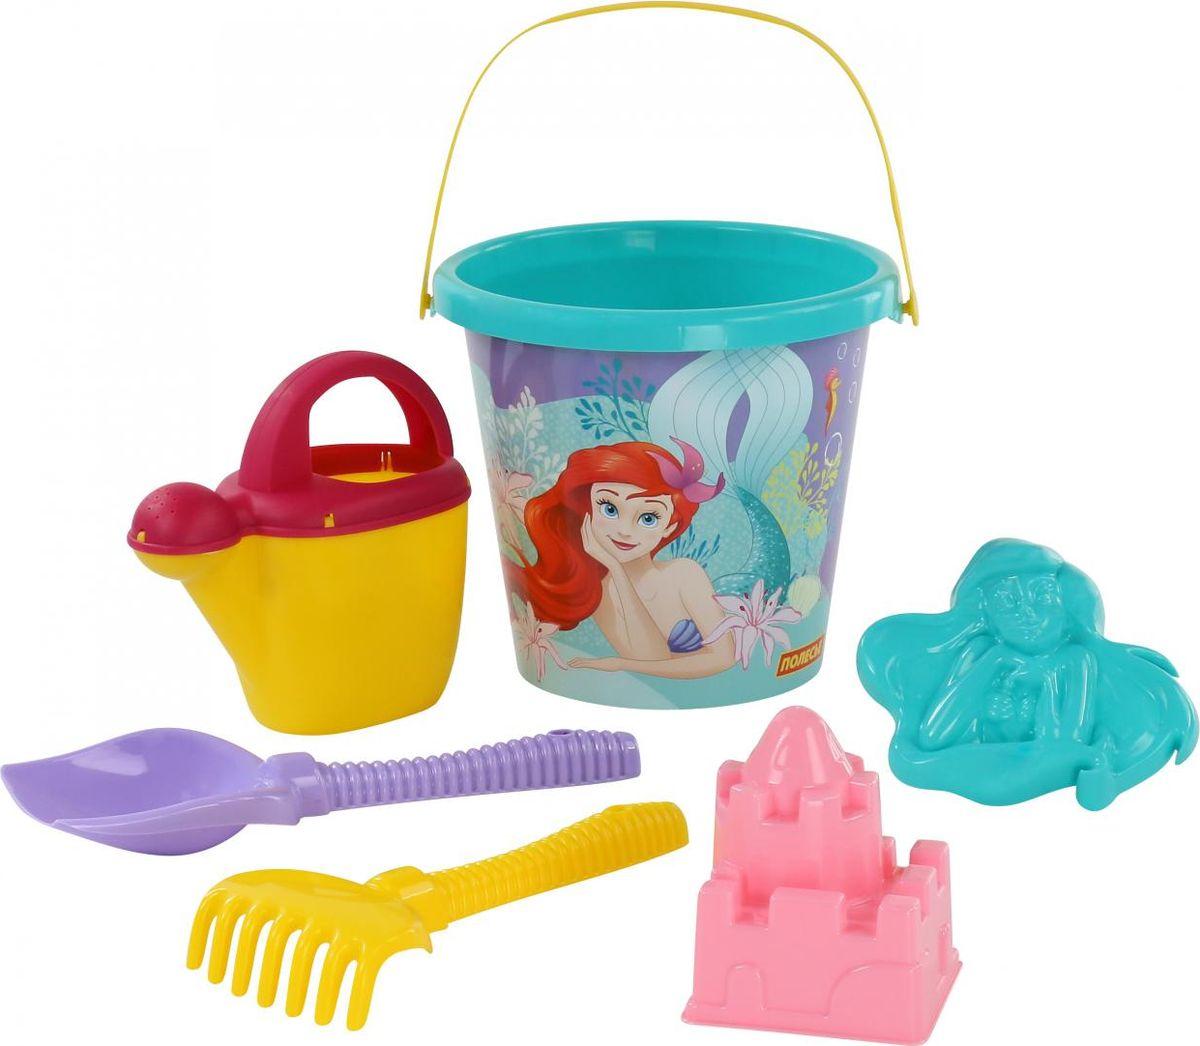 Фото - Disney Набор игрушек для песочницы Русалочка №5, 6 предметов, цвет в ассортименте gowi набор игрушек для песочницы ручки и ножки 5 предметов